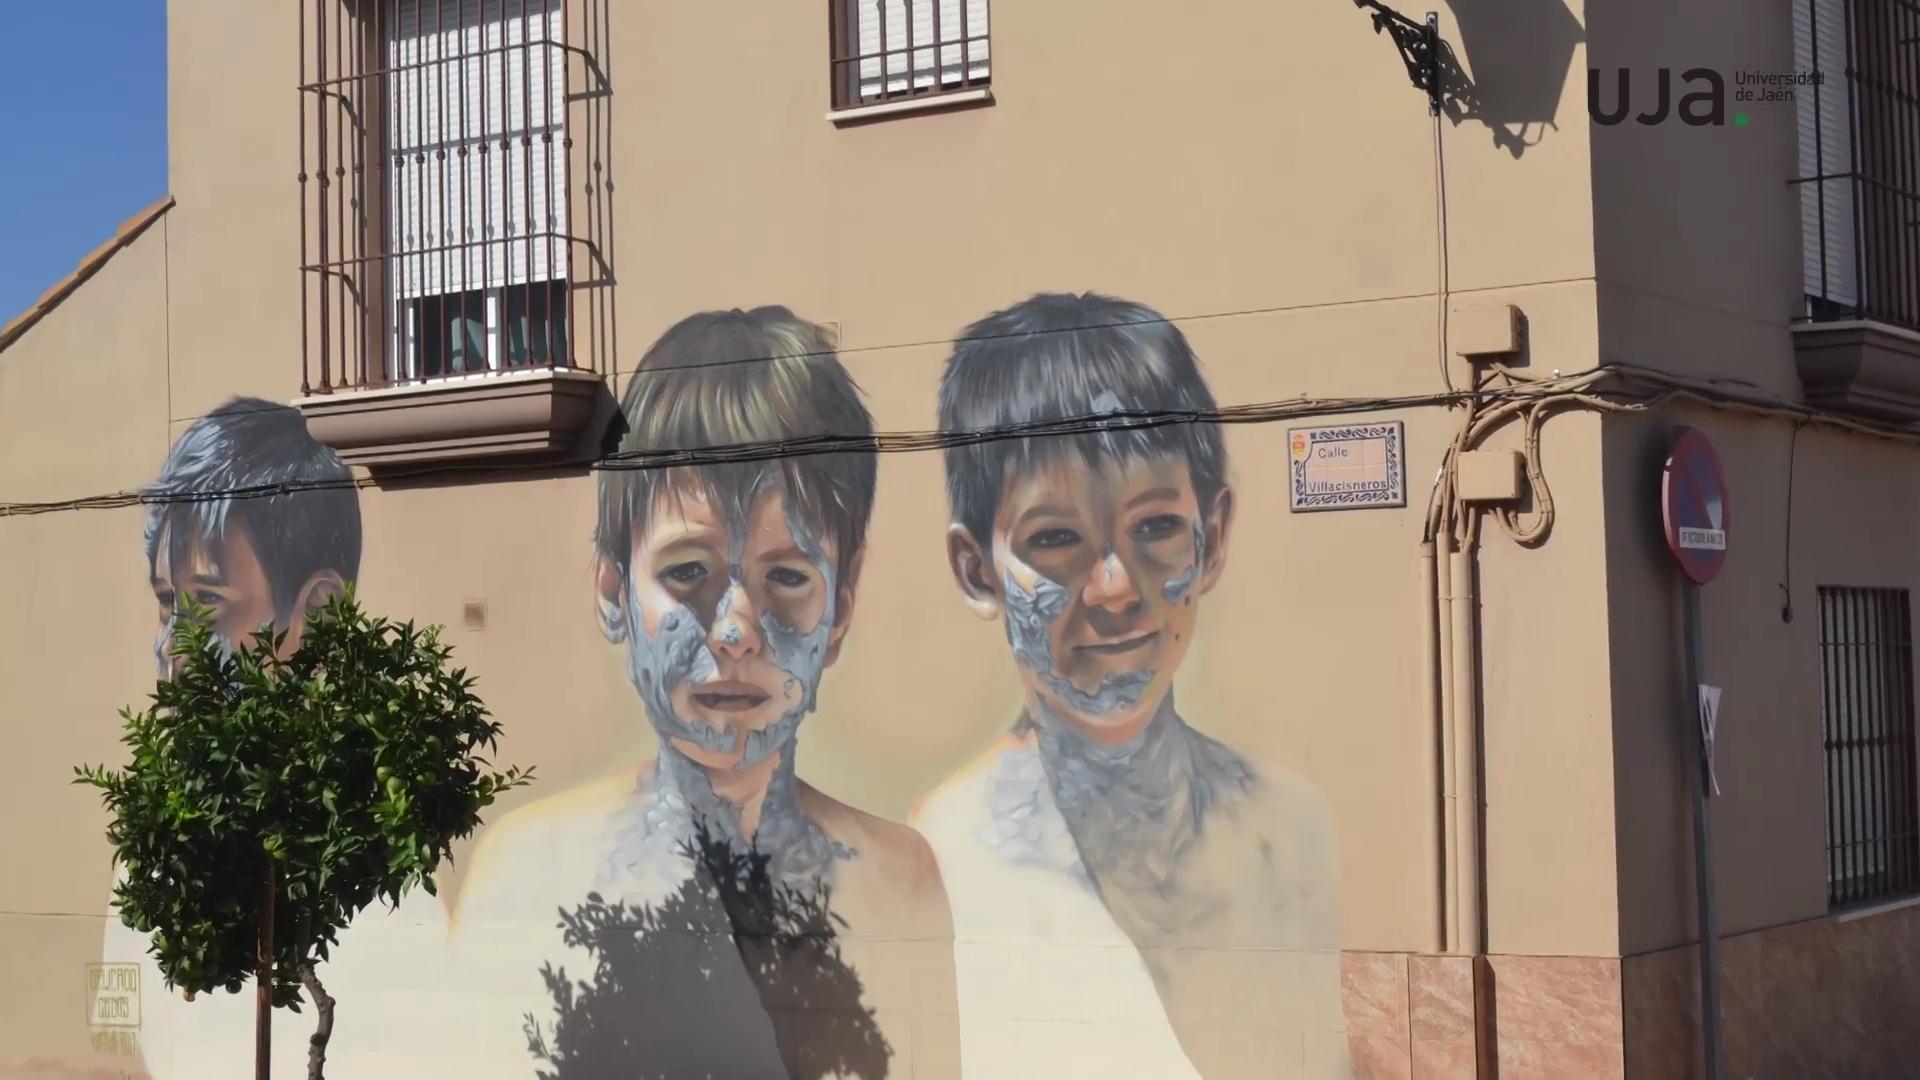 El arte urbano como generador de identidad en la población de las ciudades